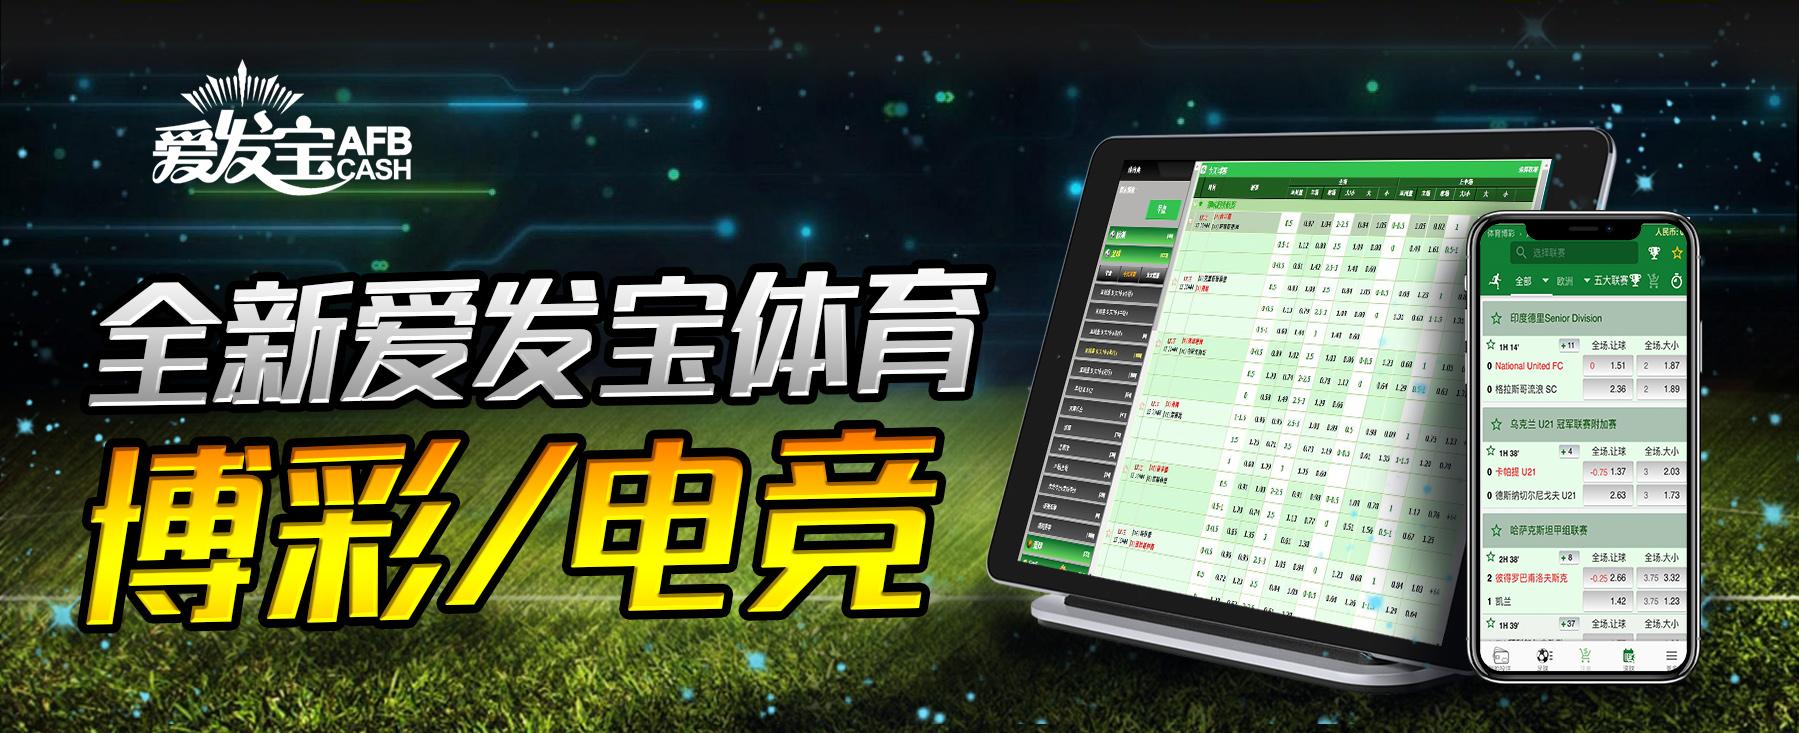 Football-banner-3.jpg